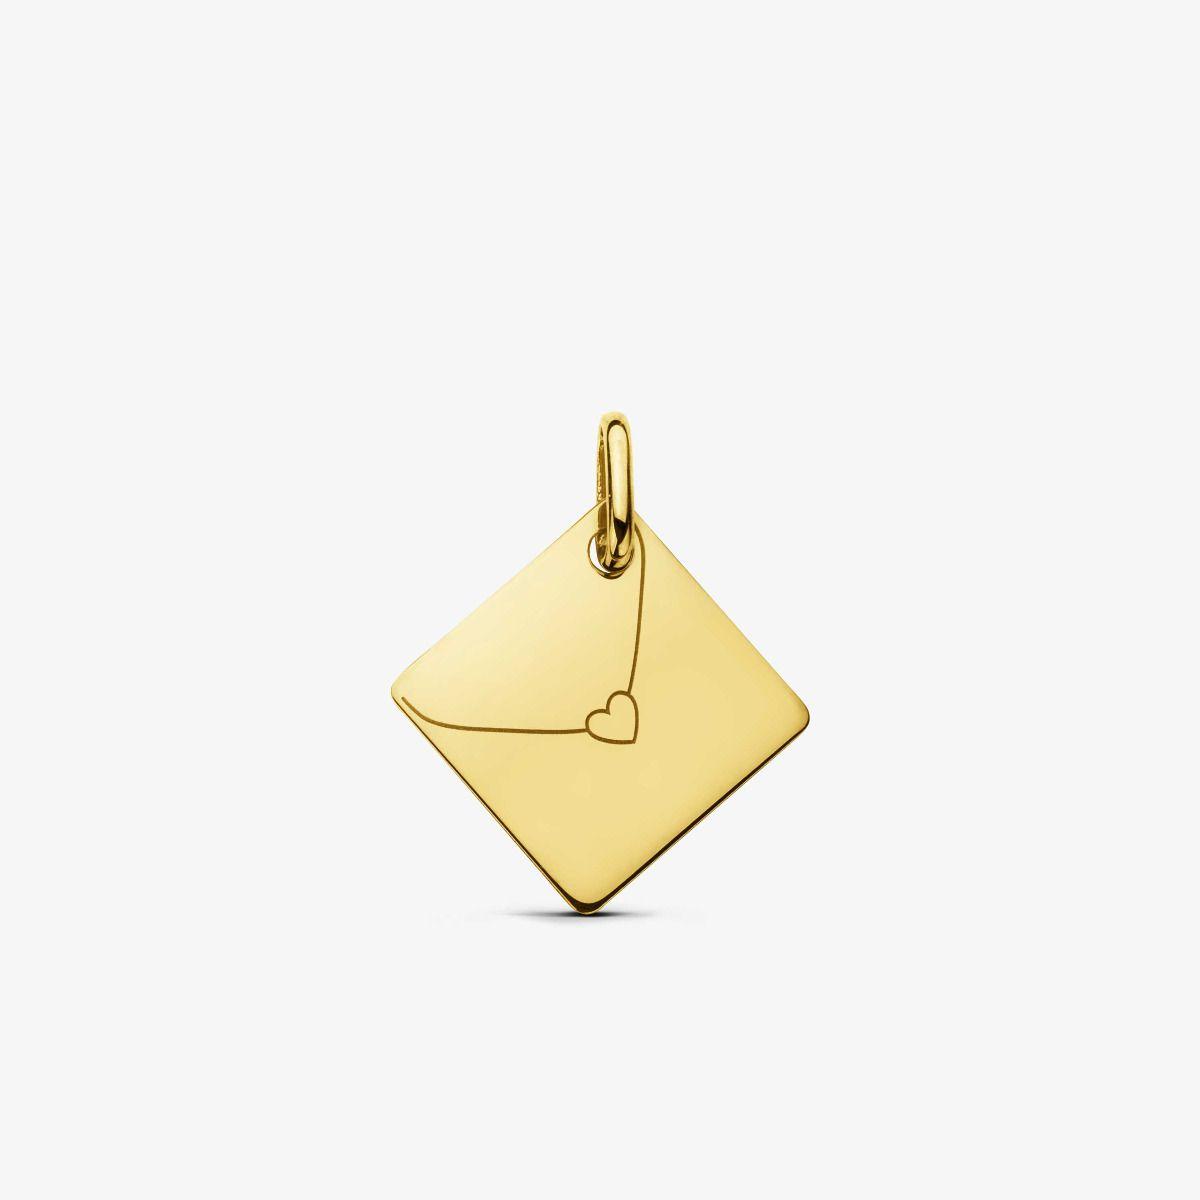 Pendentif Enveloppe Or Jaune 18 carats - 13 mm